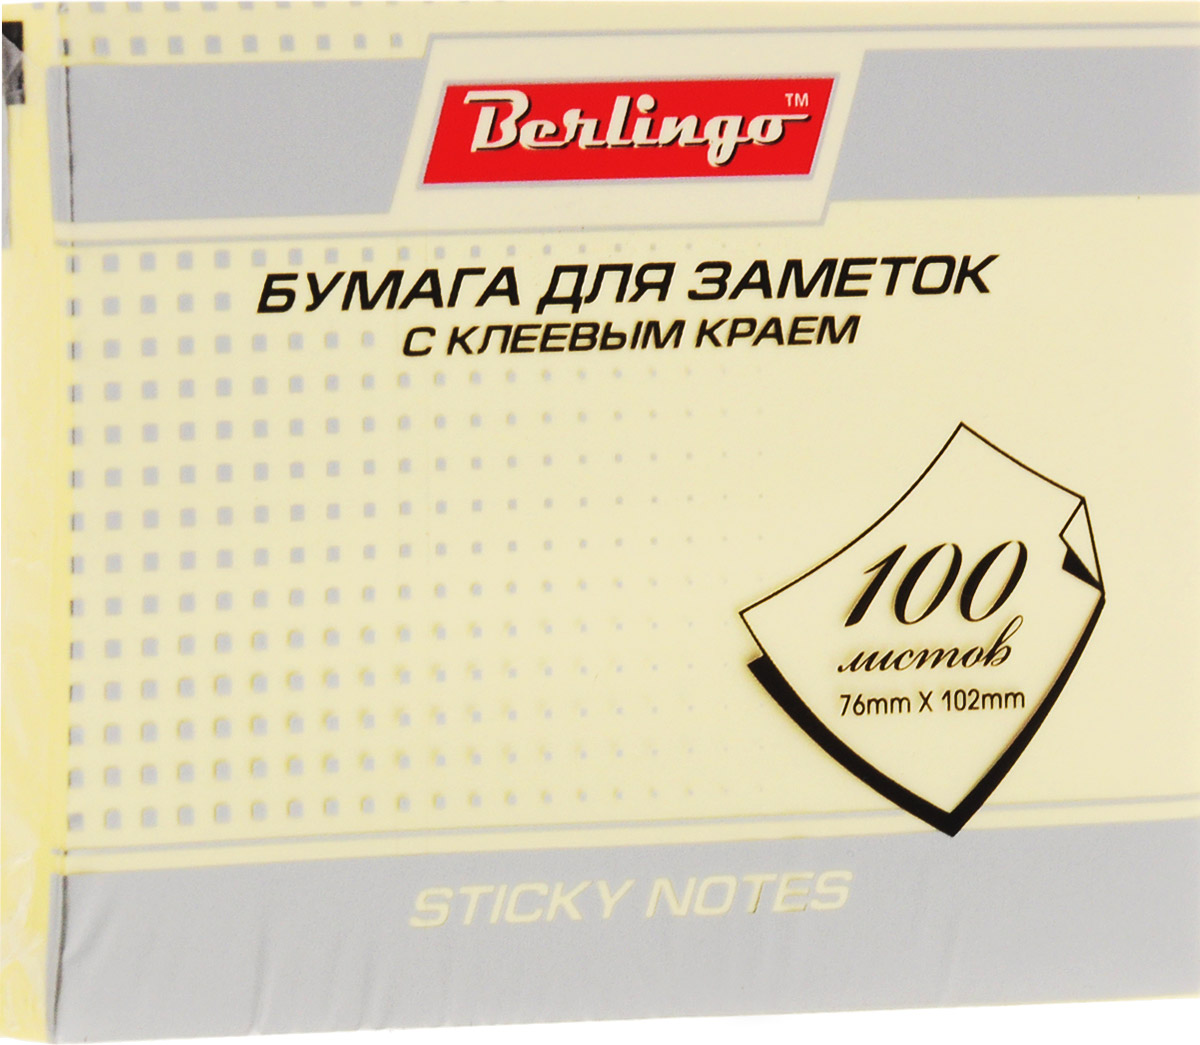 Berlingo Бумага для заметок цвет желтый 100 листов